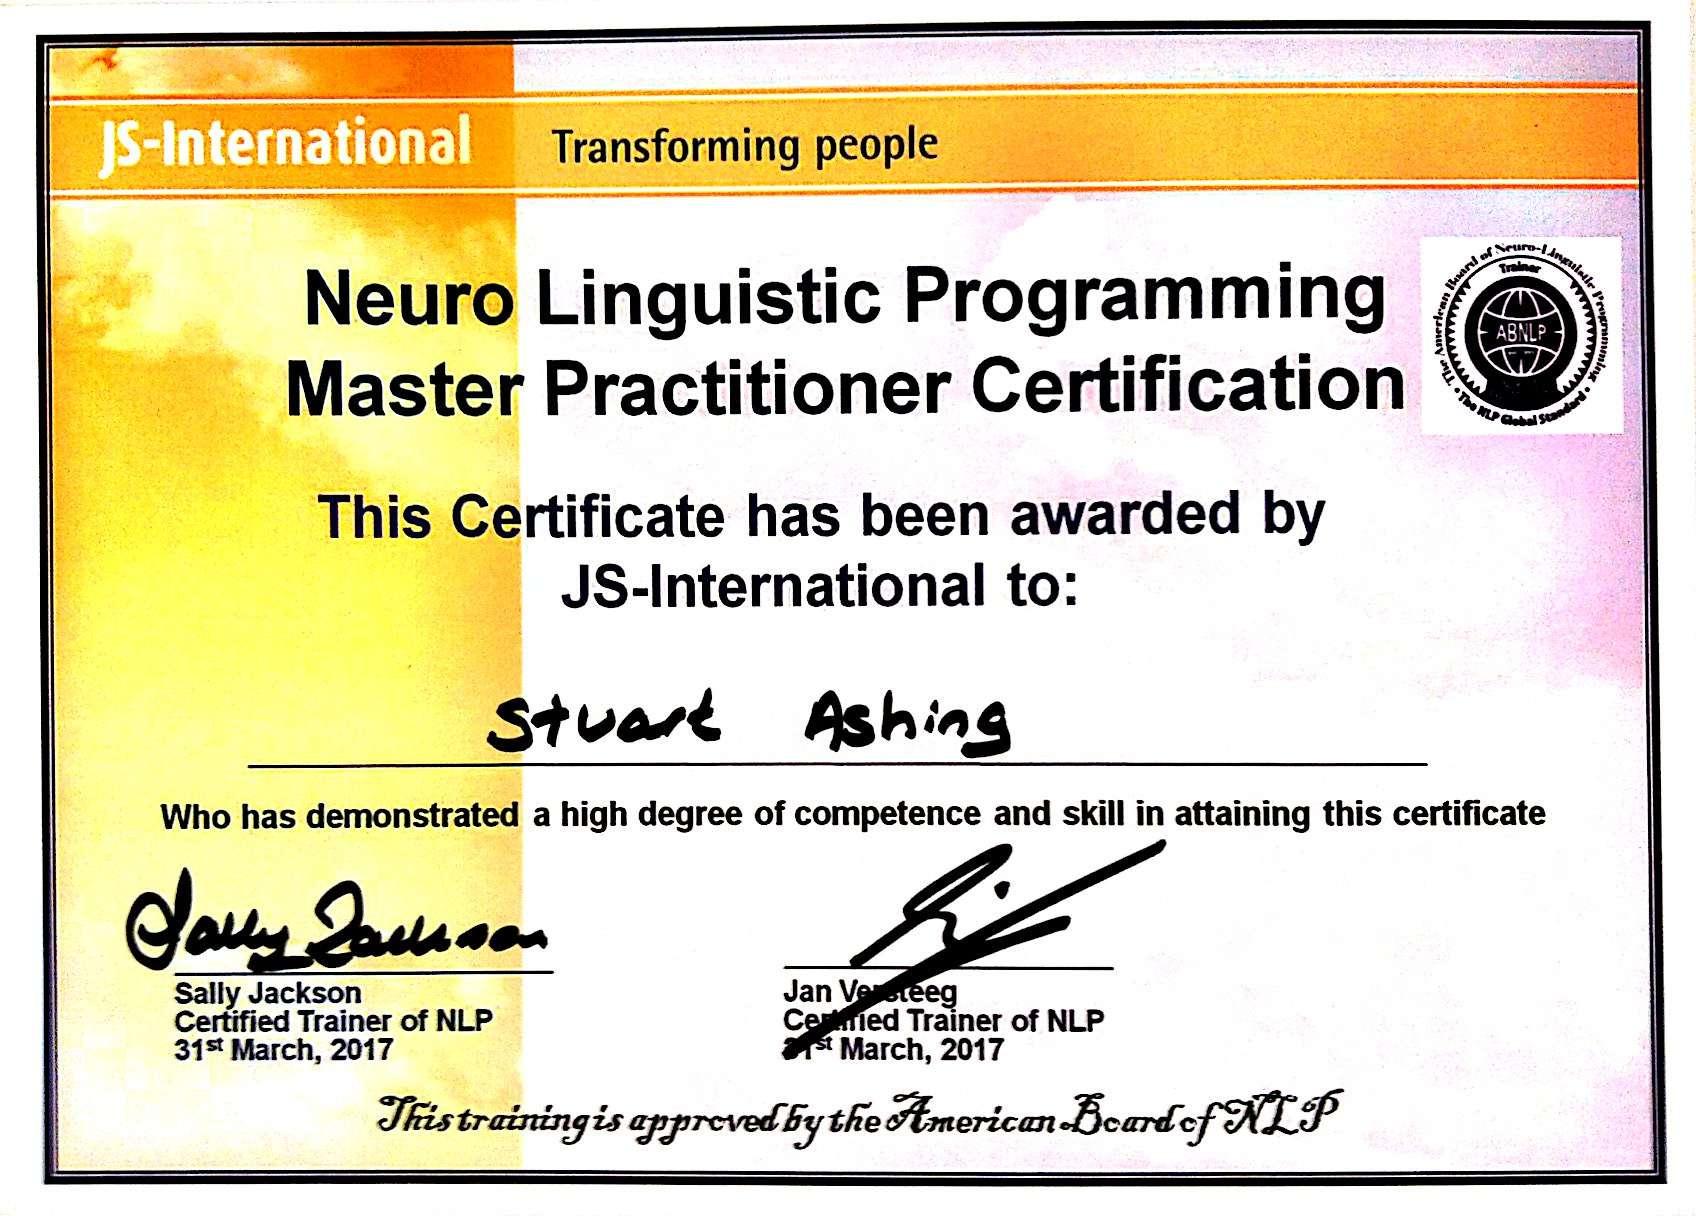 About stuart ashing life coaching therapist motivational nlp 1betcityfo Choice Image